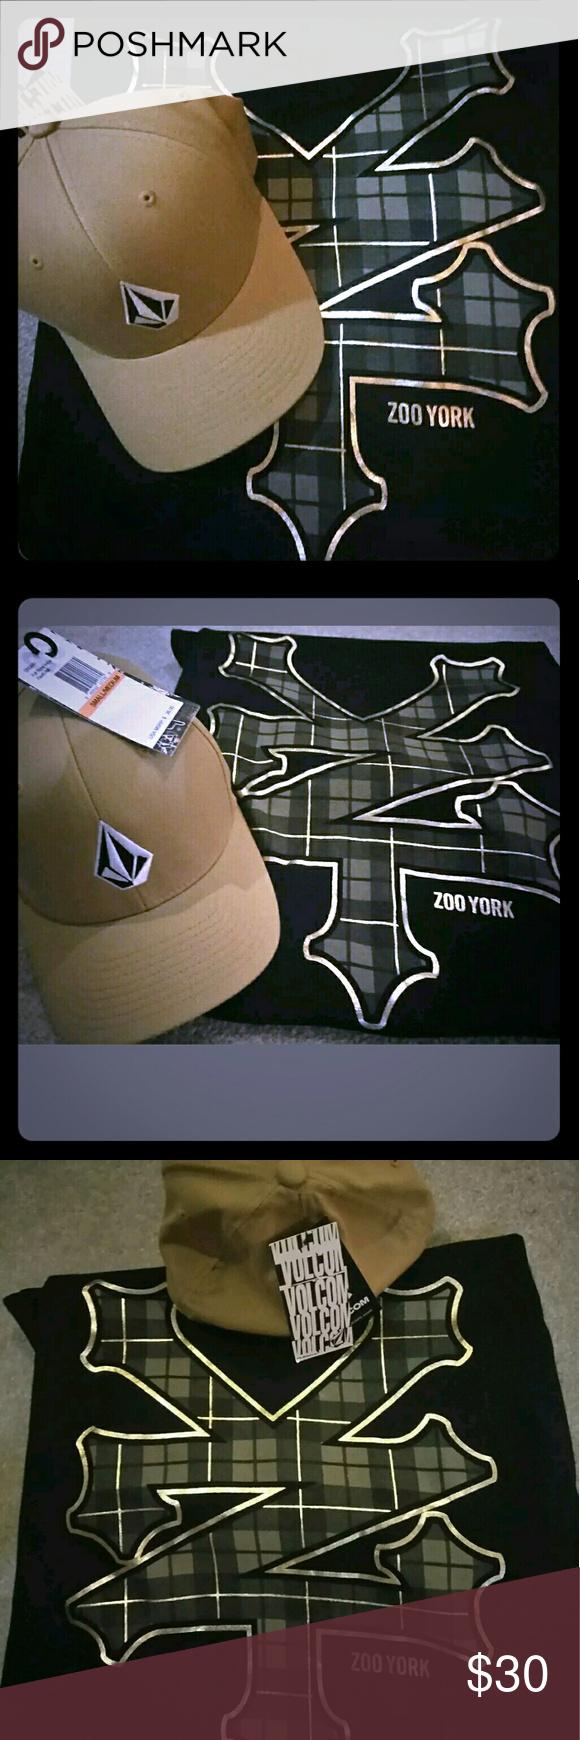 47d167bca91a6 Volcom Hat + Zoo York T-Shirt Matching Pair New Volcom   Zoo York Matching